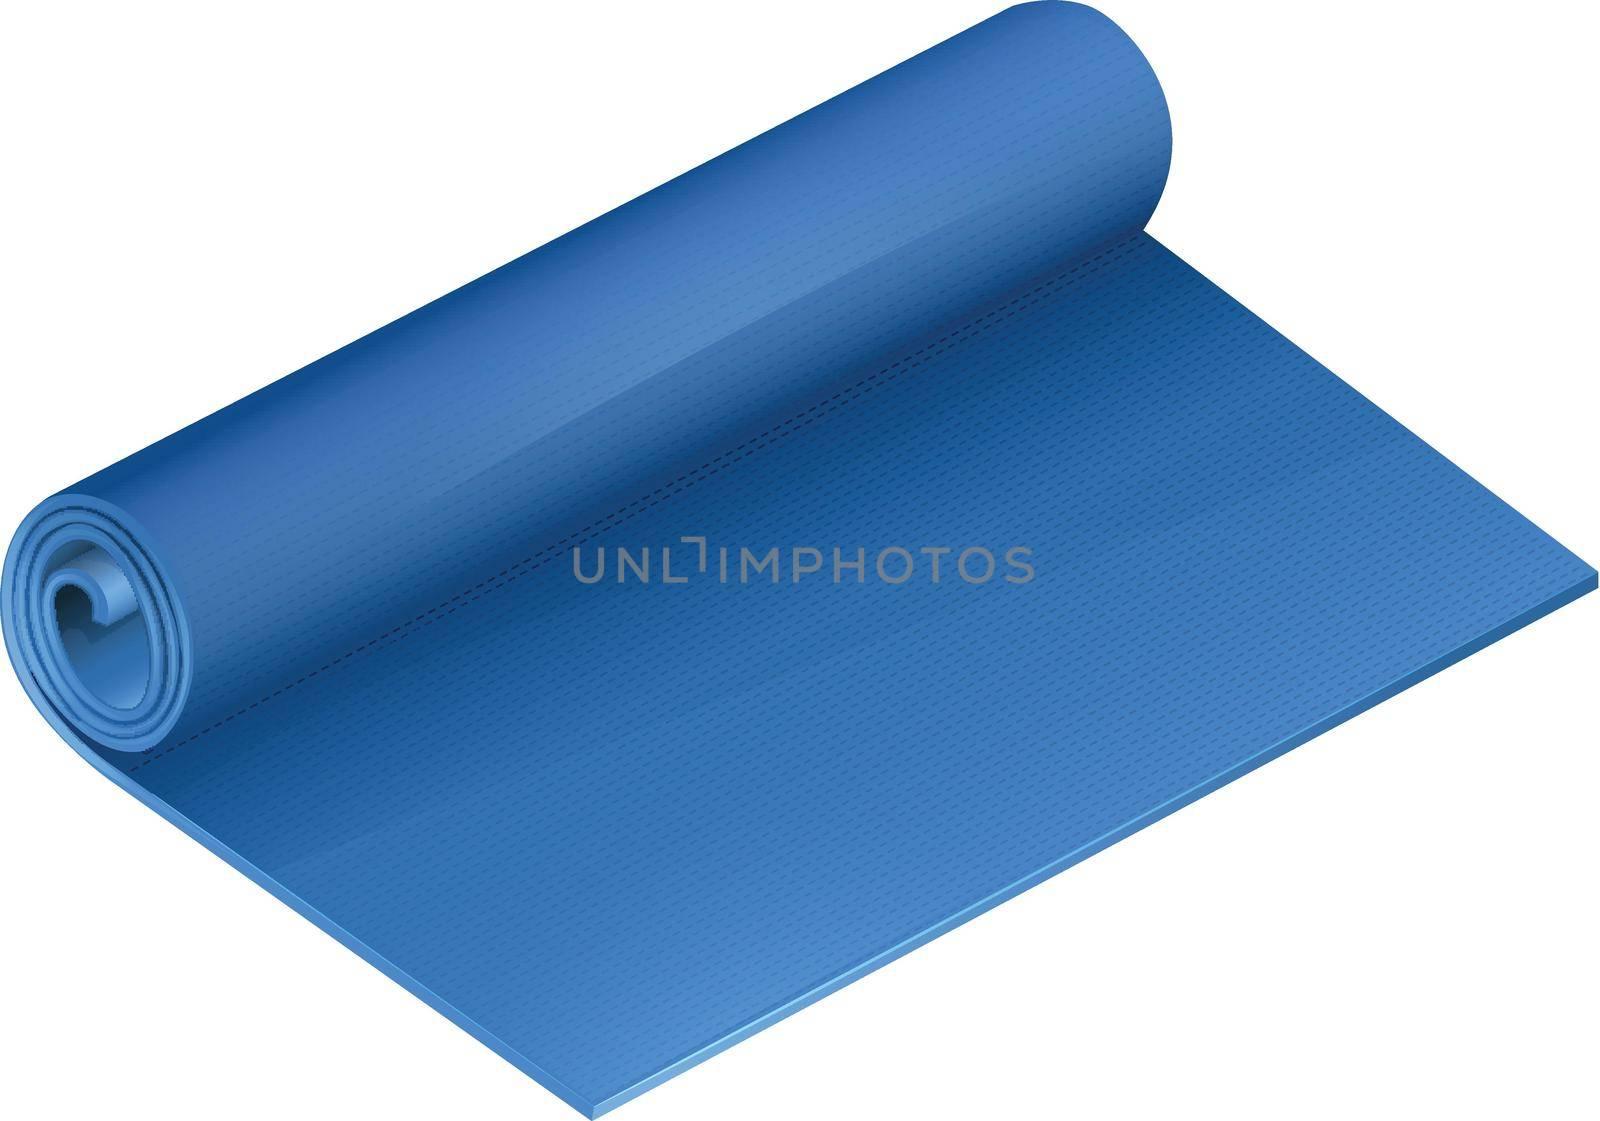 Blue yoga mat on white illustration